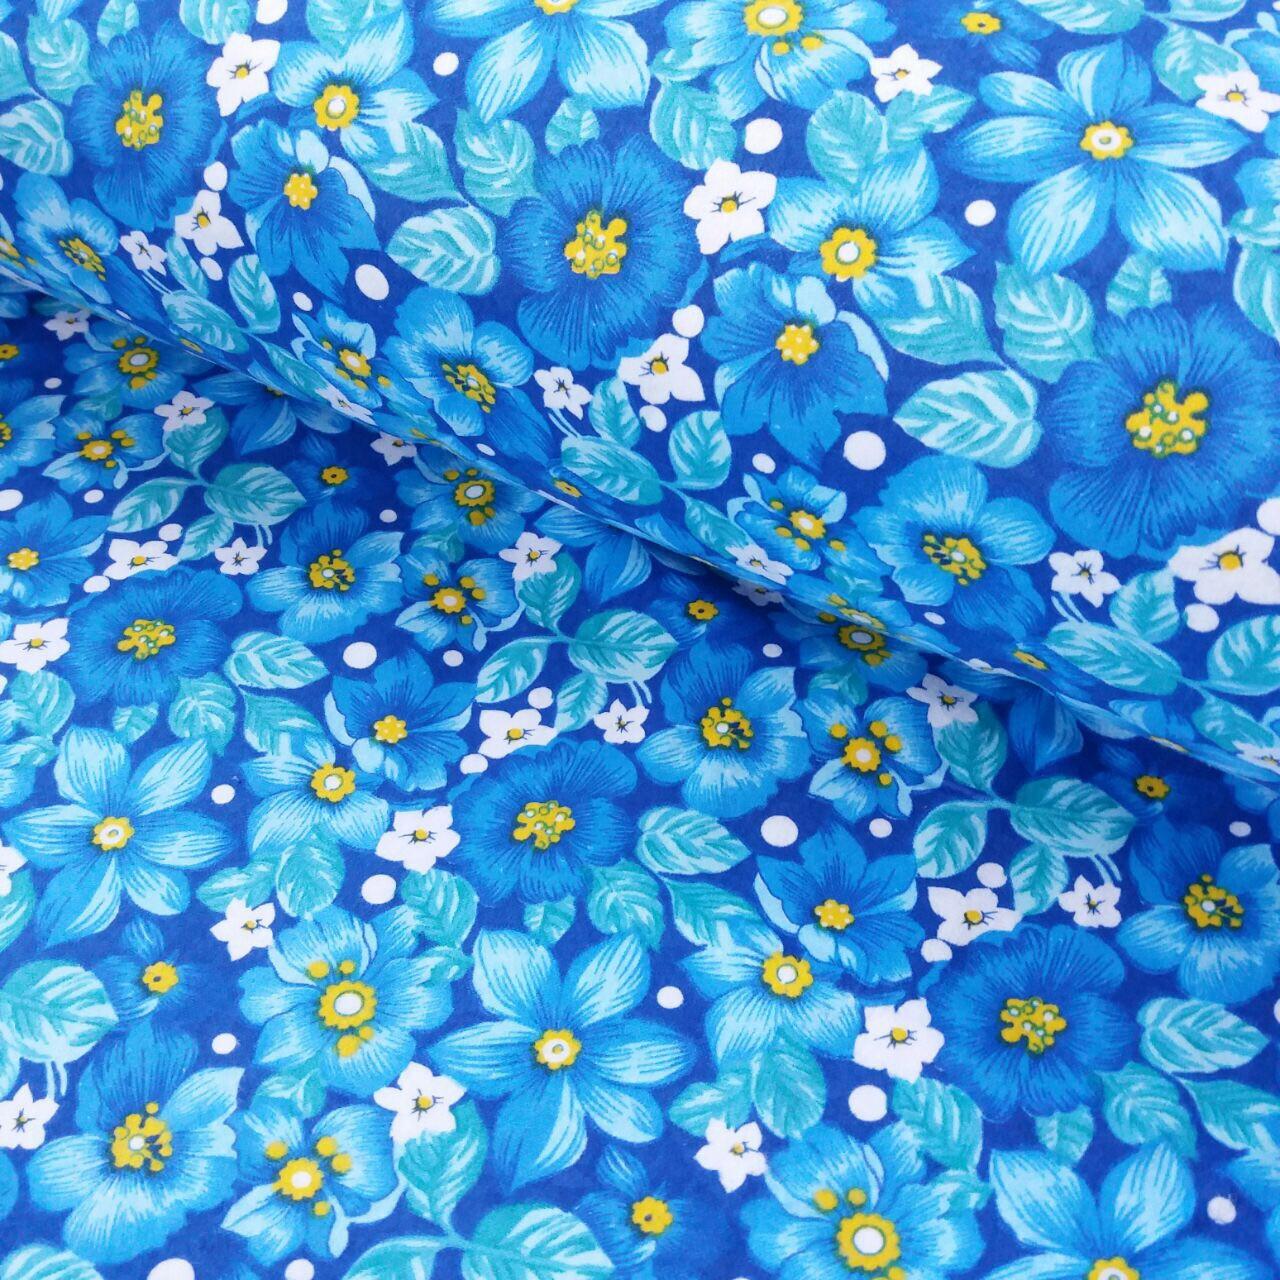 ФЛанель хлопок для халатов с цветами на синем ширина 150 см